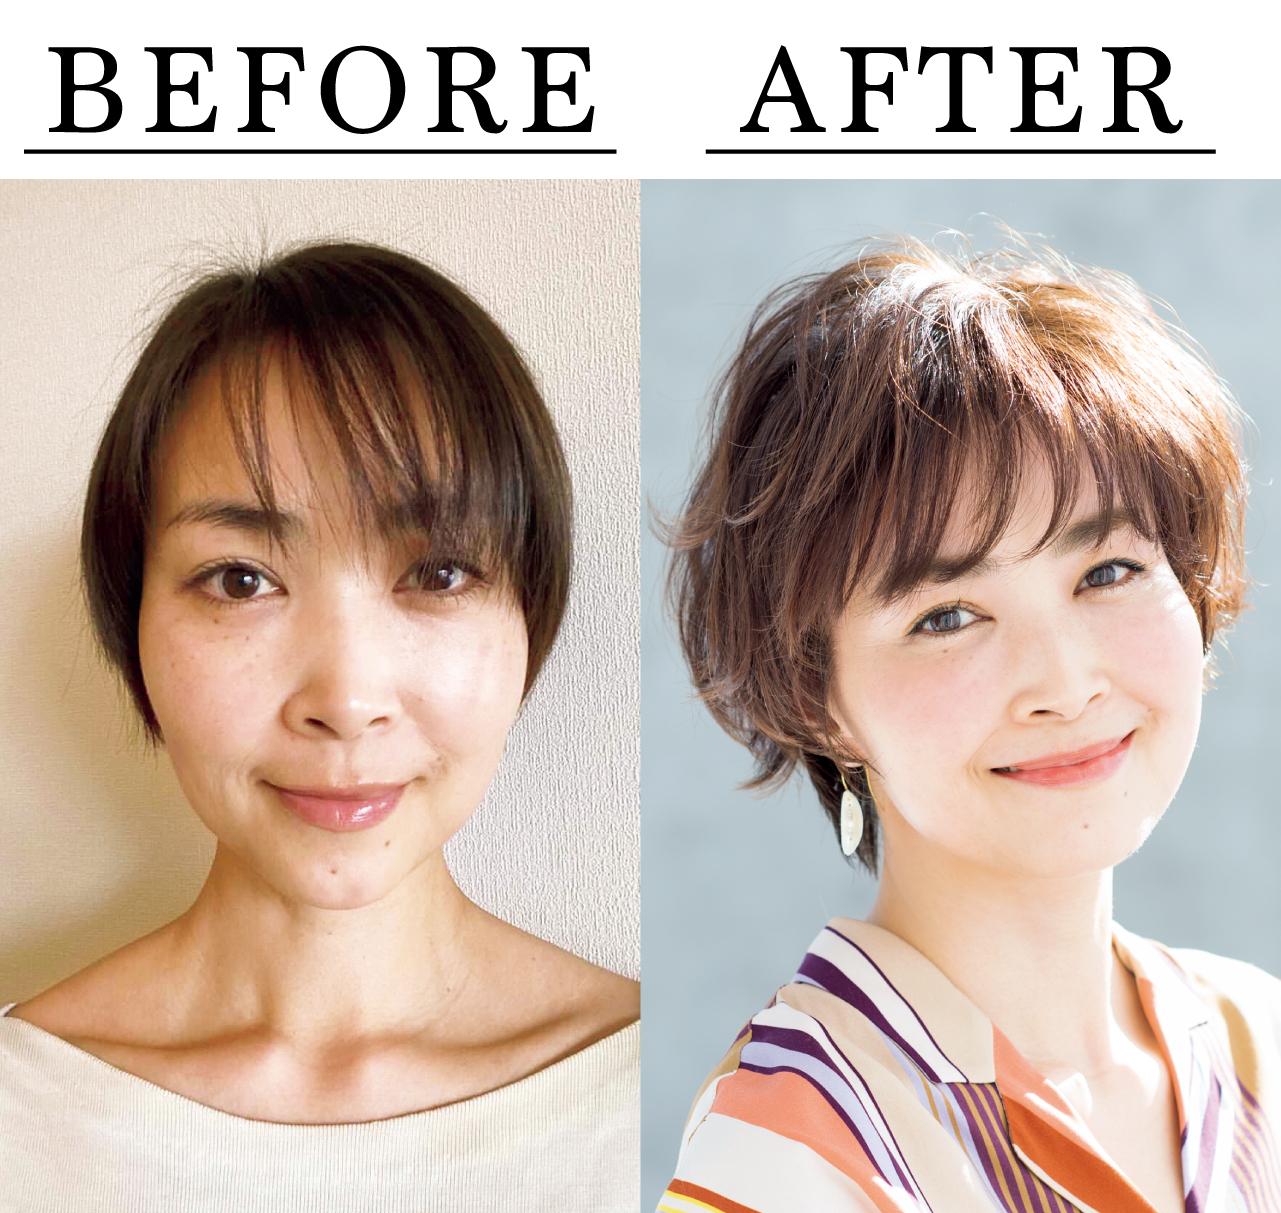 西原英理子さん Before After